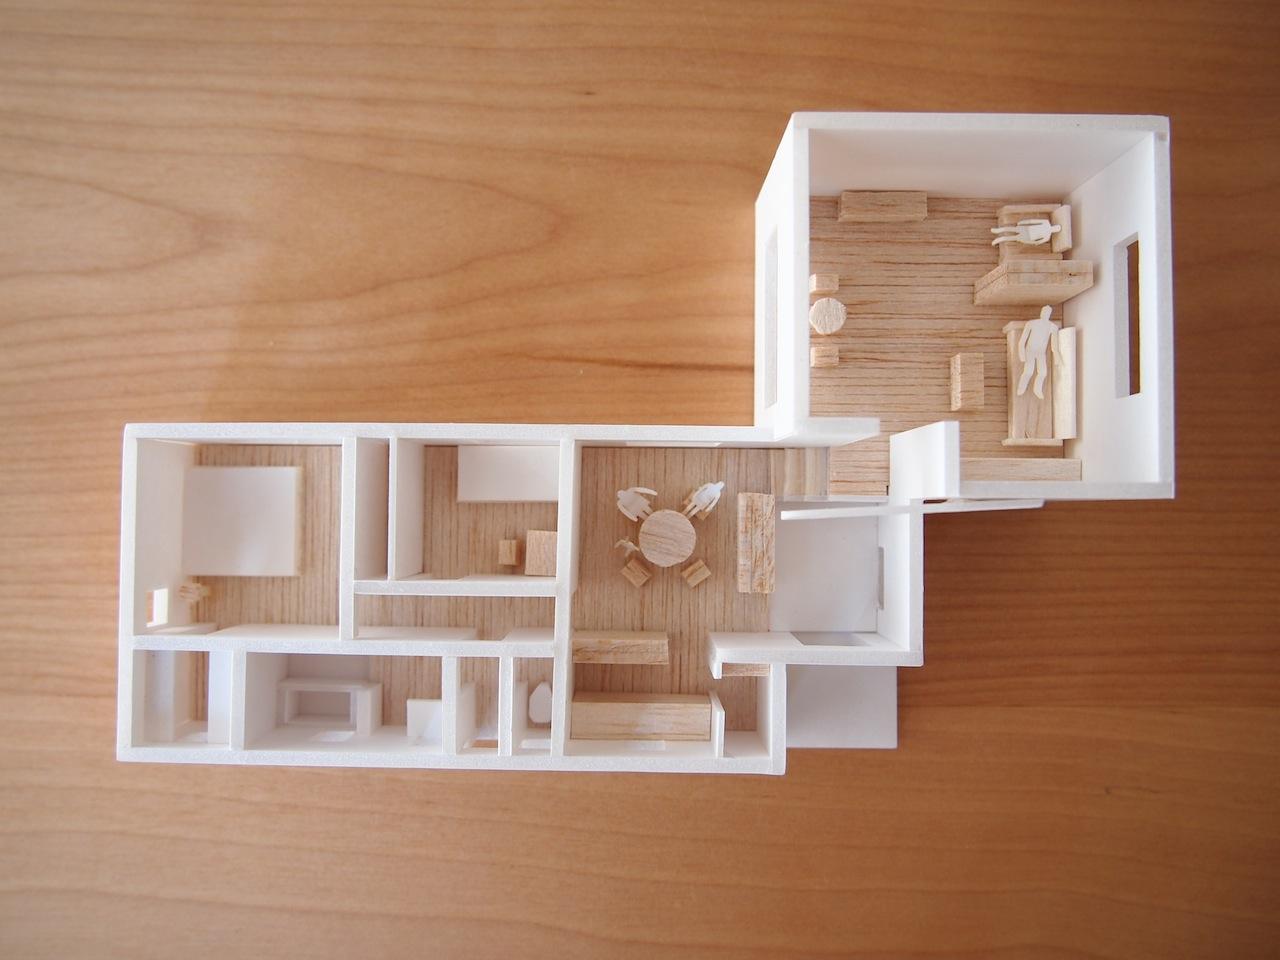 小さな平屋建ての住宅03